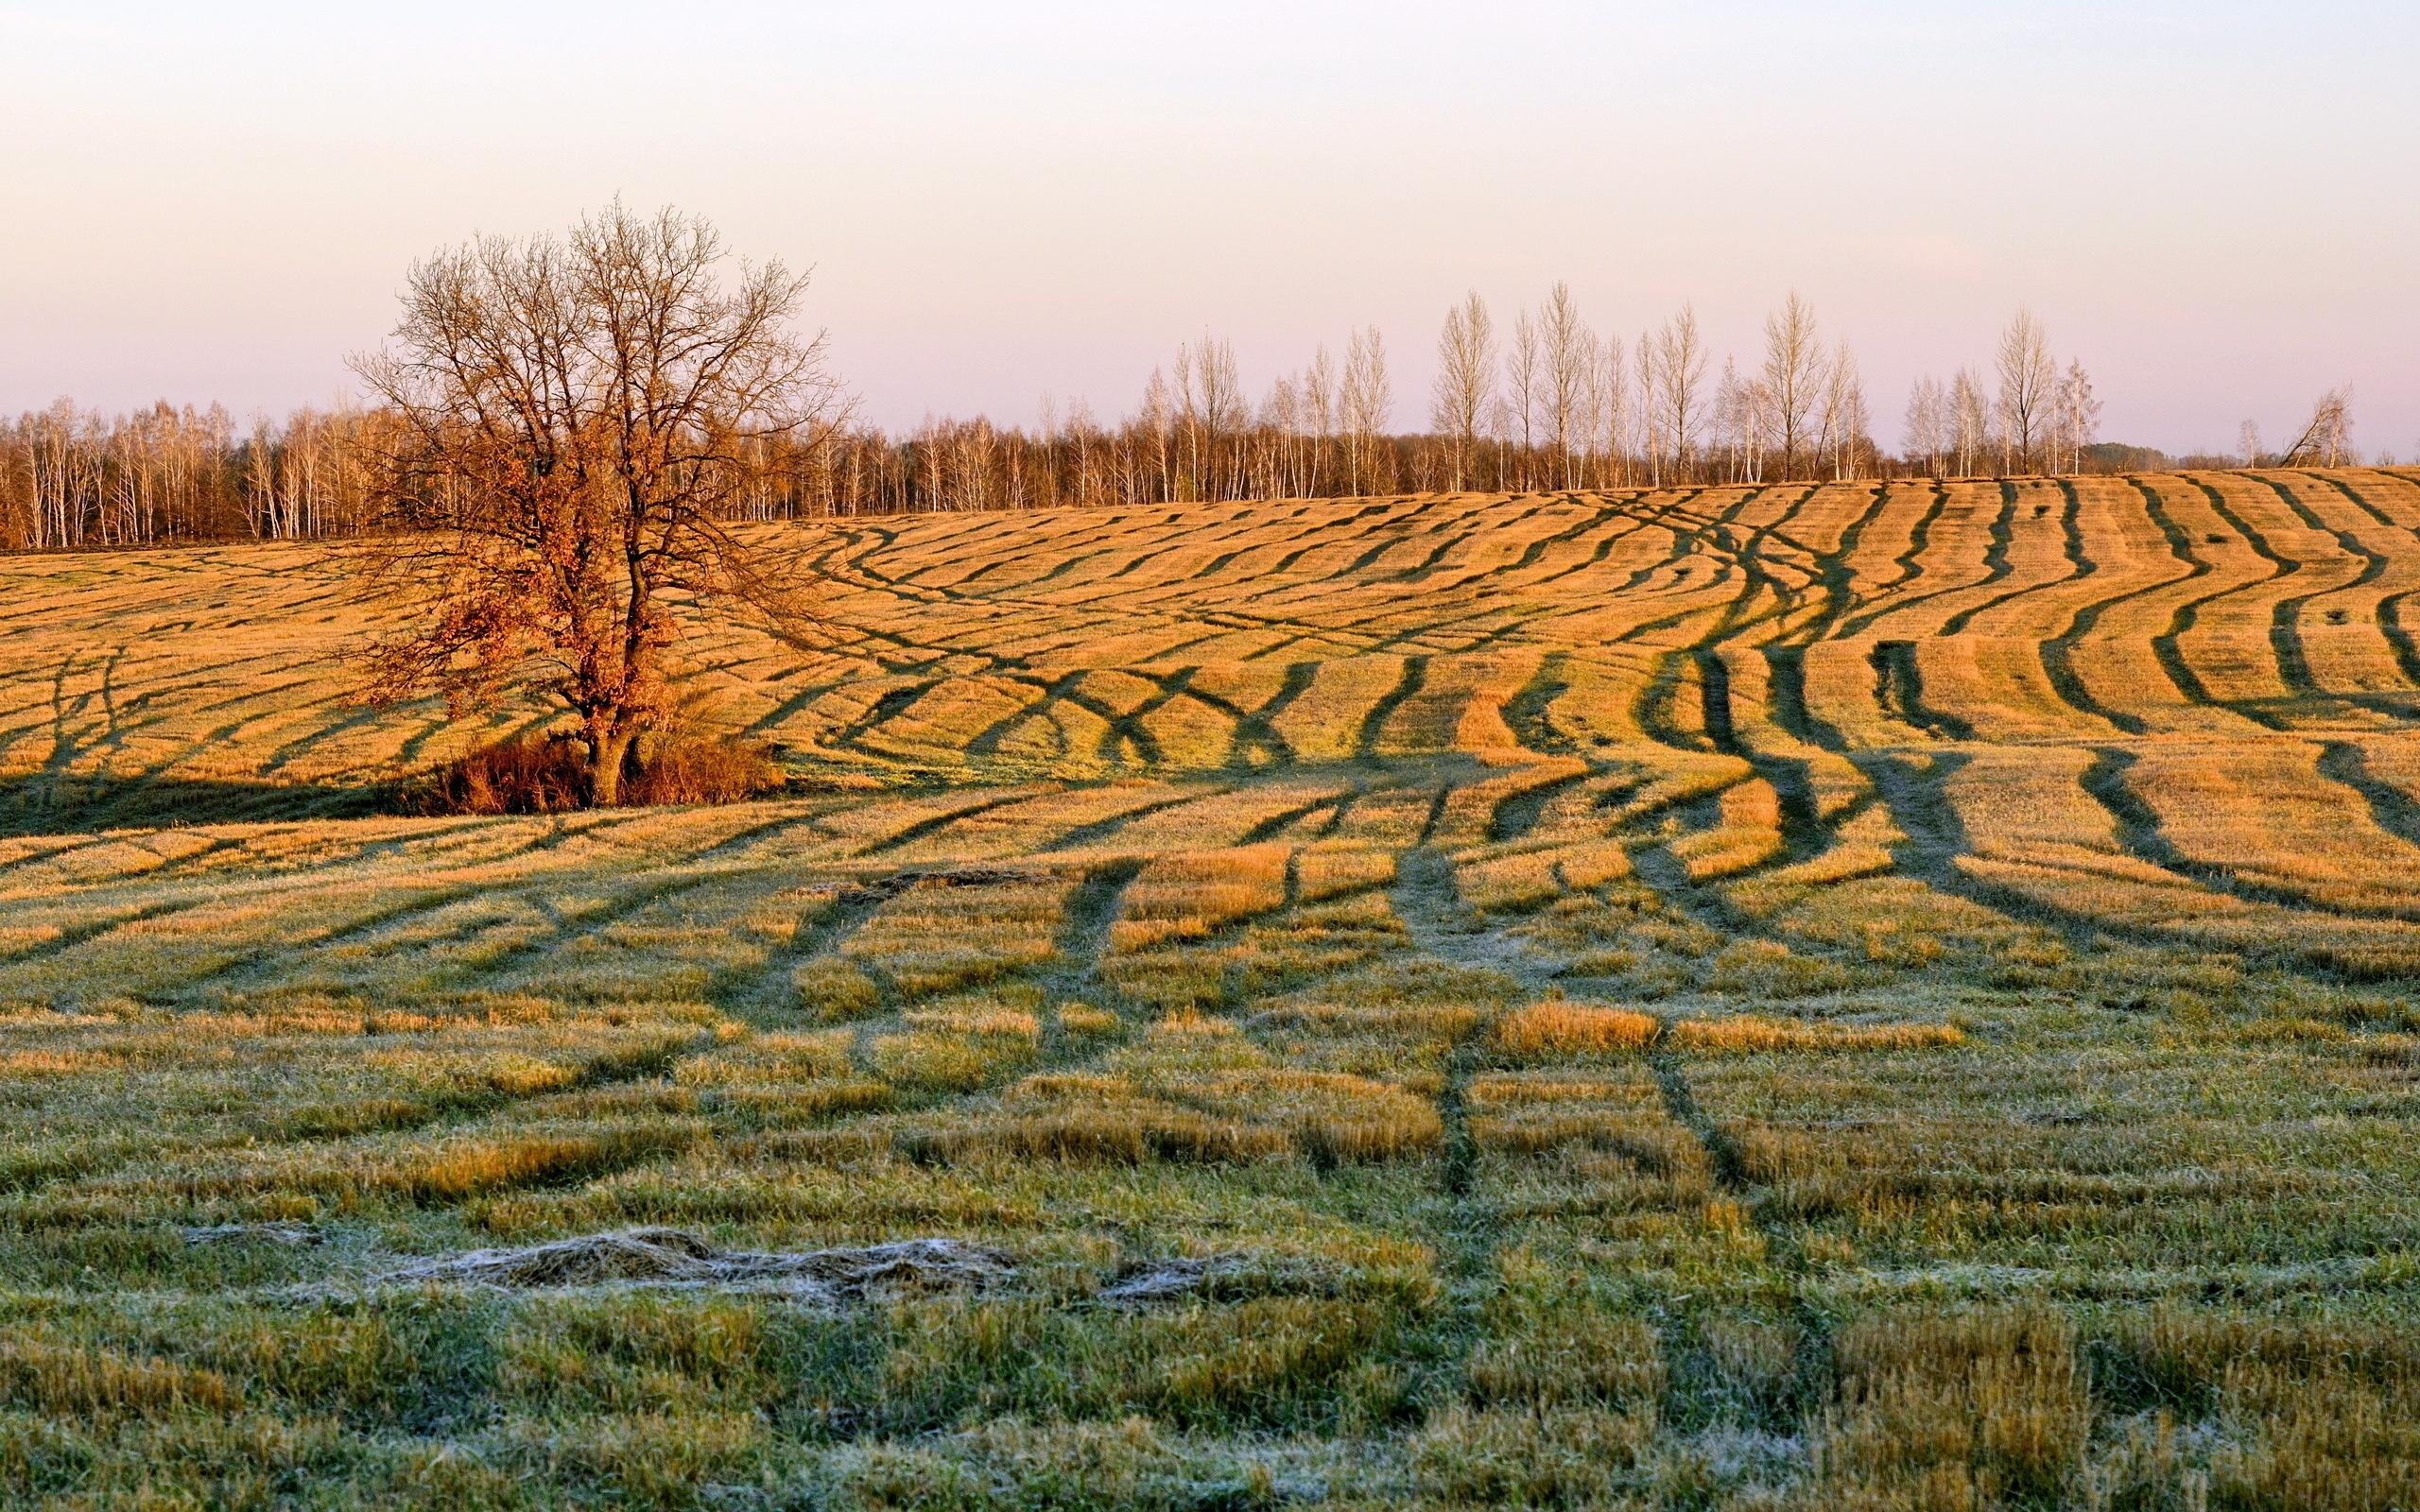 field 2560x1600 2616 - photo #21